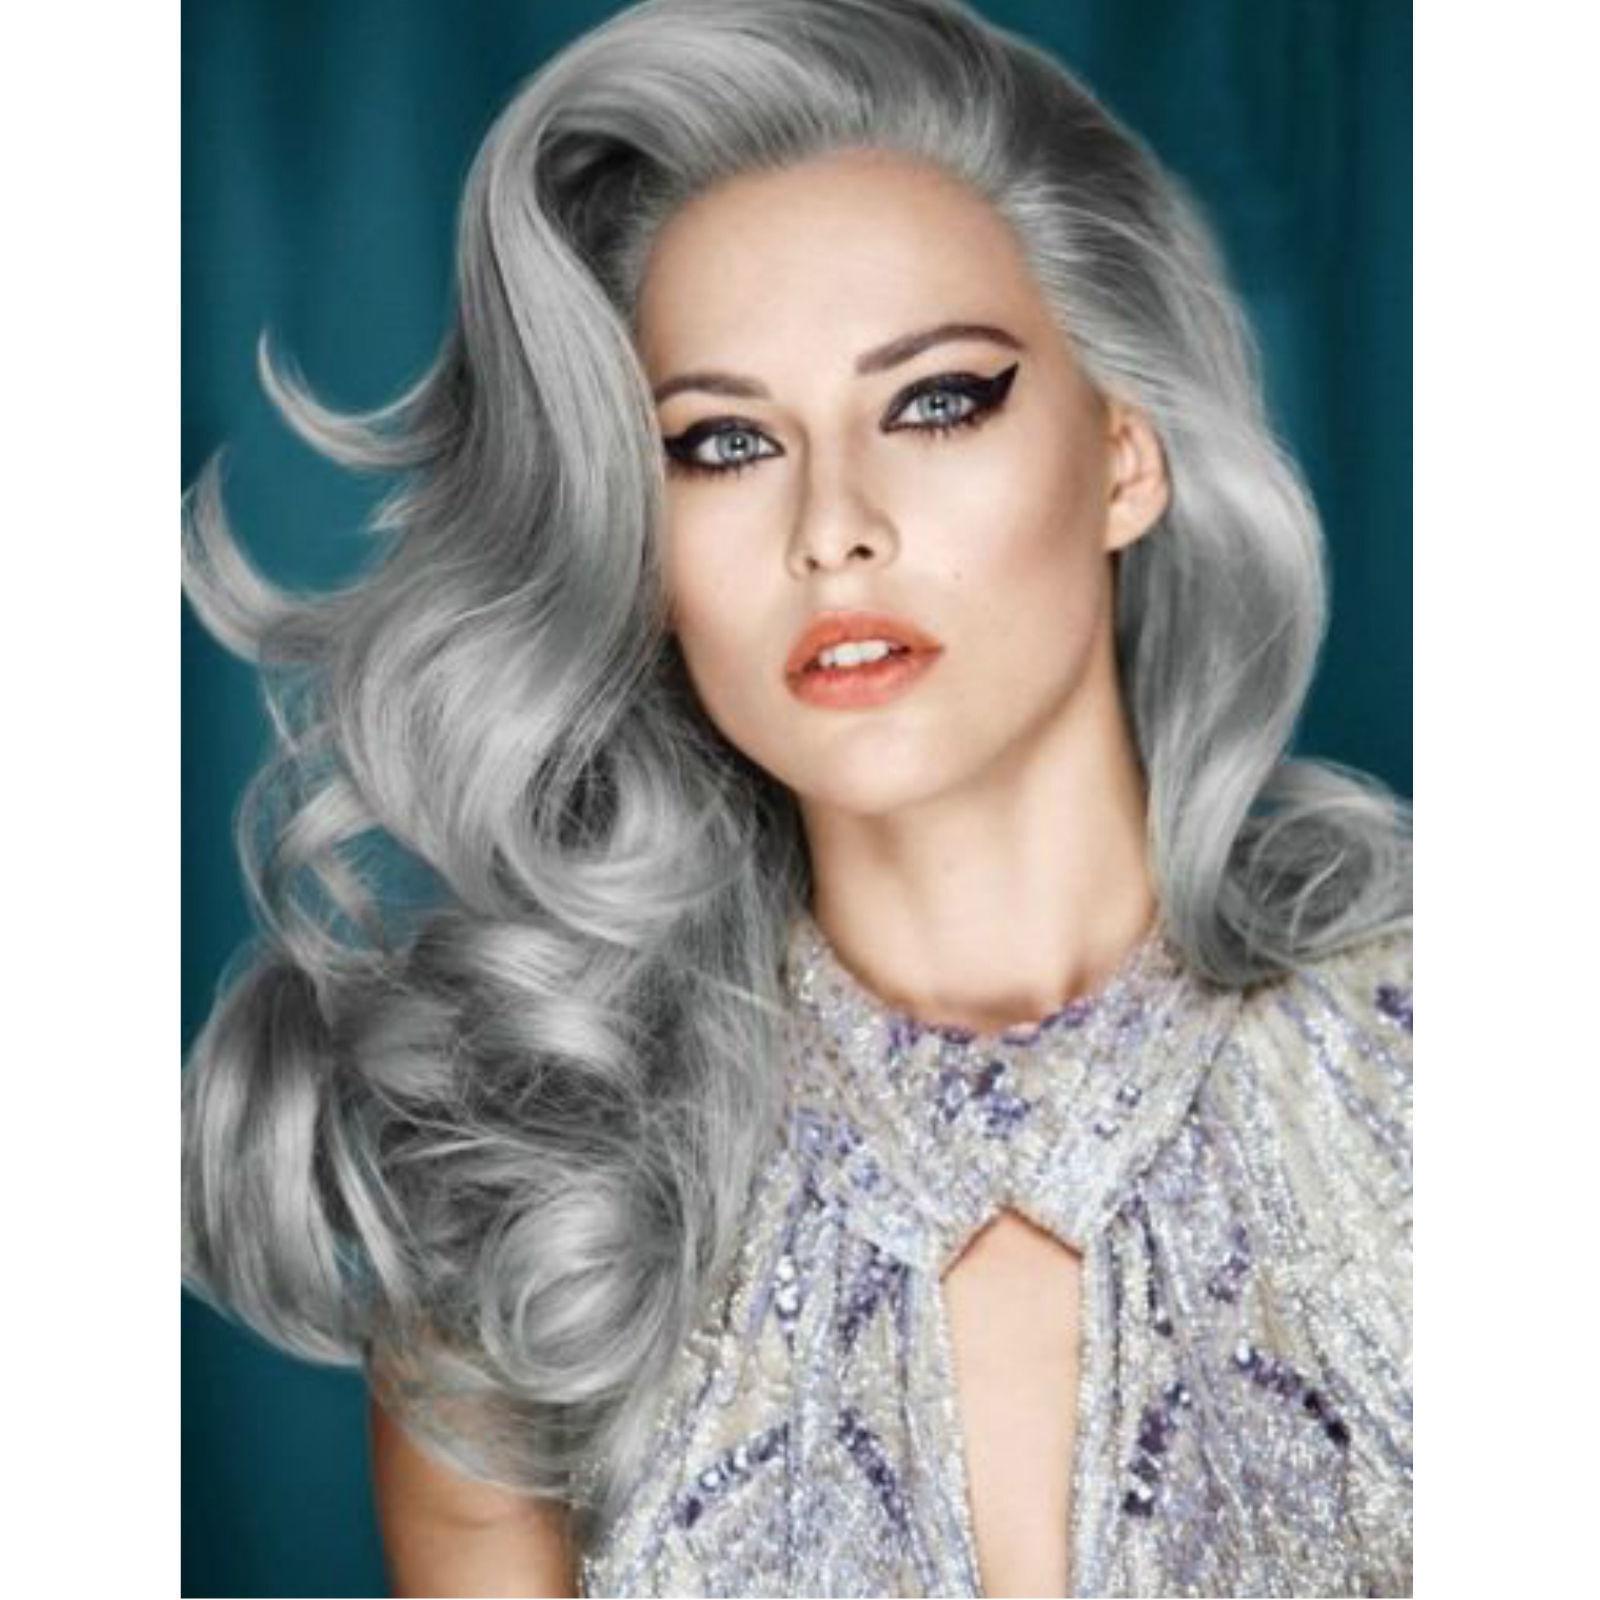 رنگ یخی قطبی Granny Hair Trend: Young Women Are Dyeing Their Hair Gray